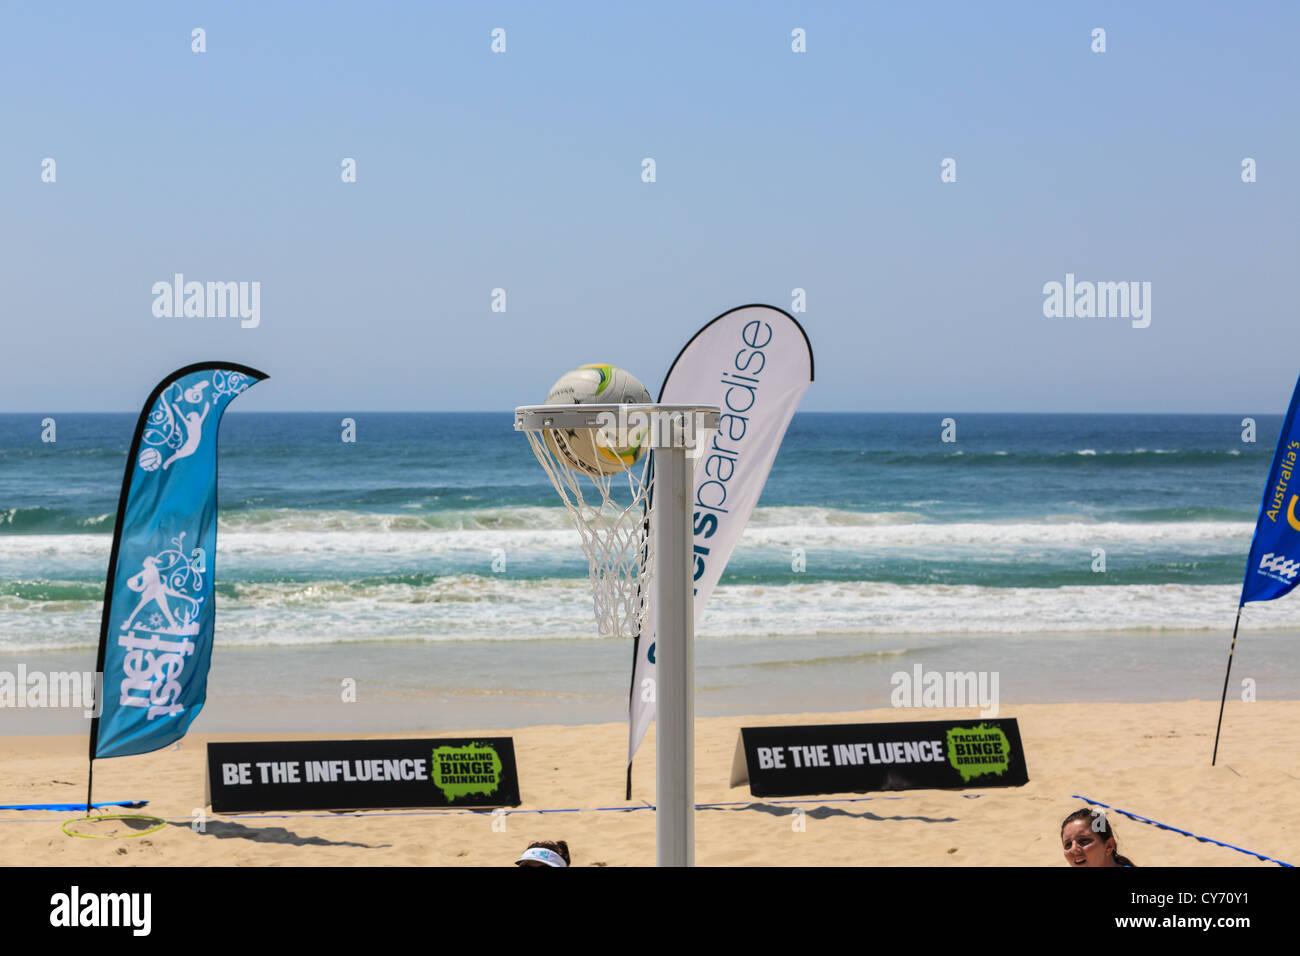 El balonvolea de playa en la playa de Surfers Paradise por primera vez para esta rama del deporte del baloncesto Imagen De Stock